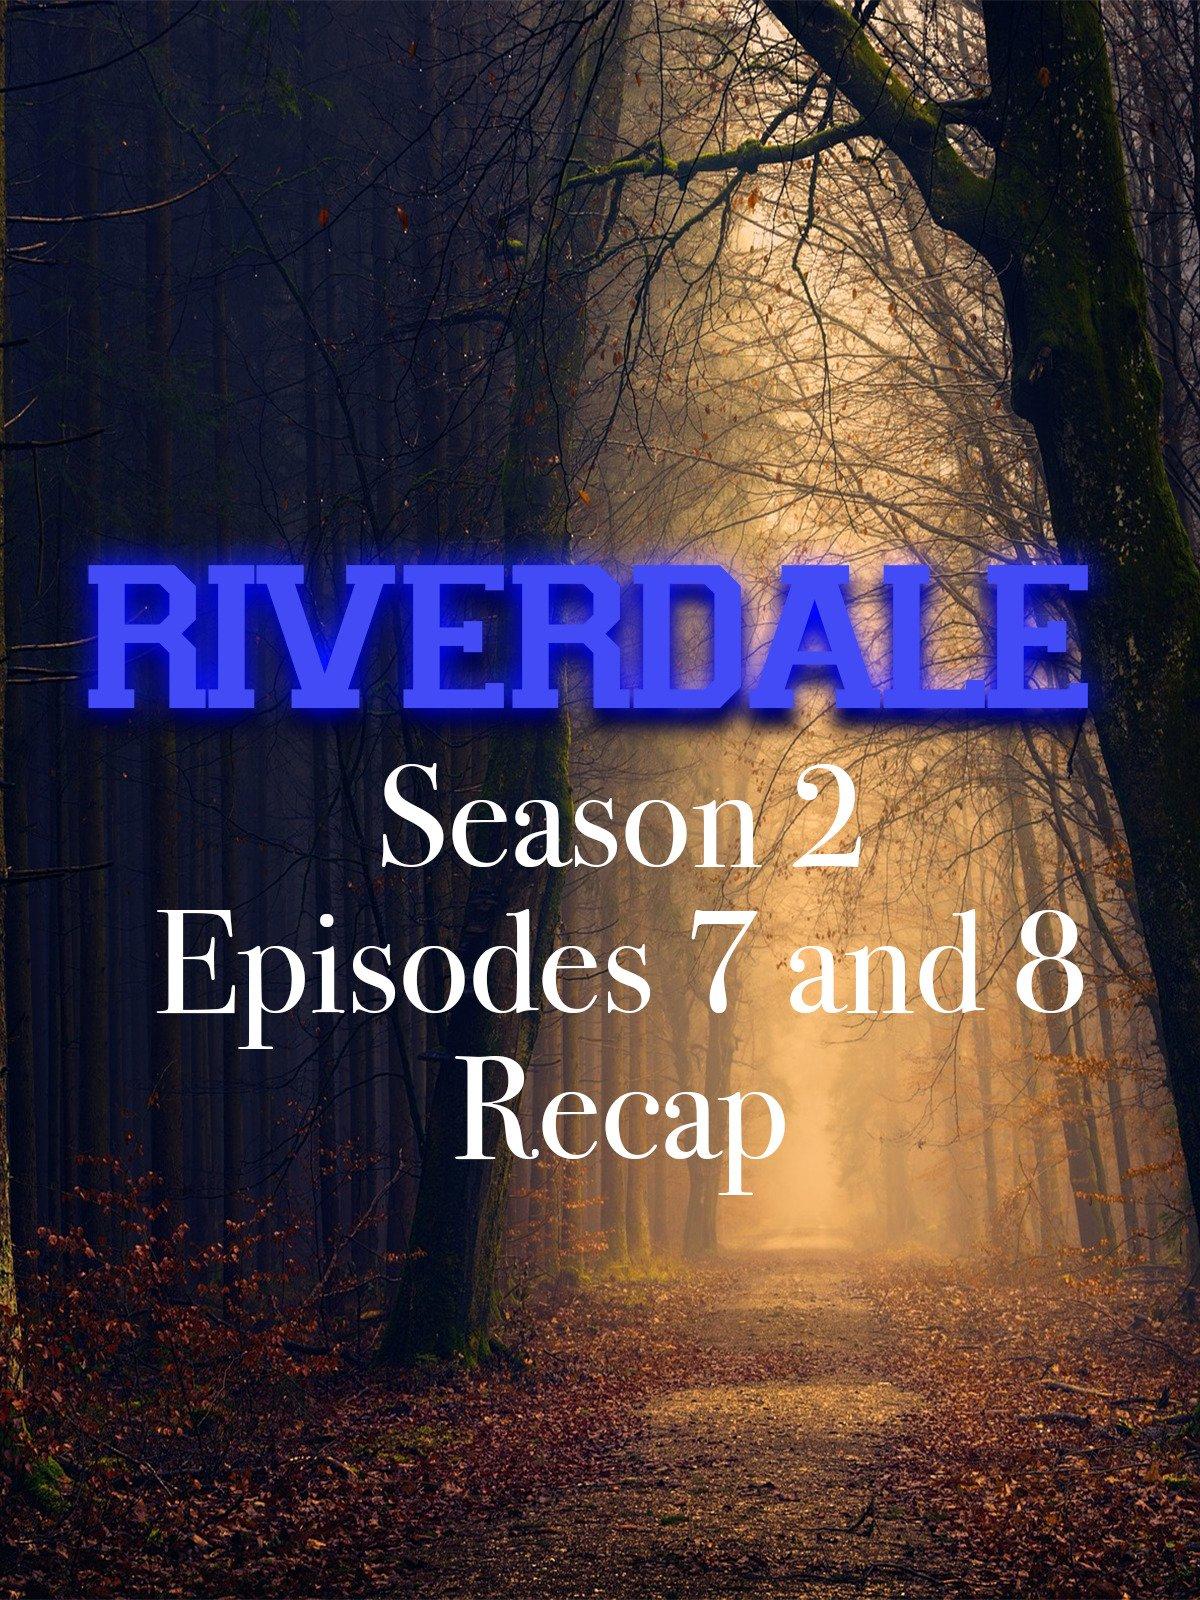 Clip: Riverdale Season 2 Episodes 7 and 8 Recap